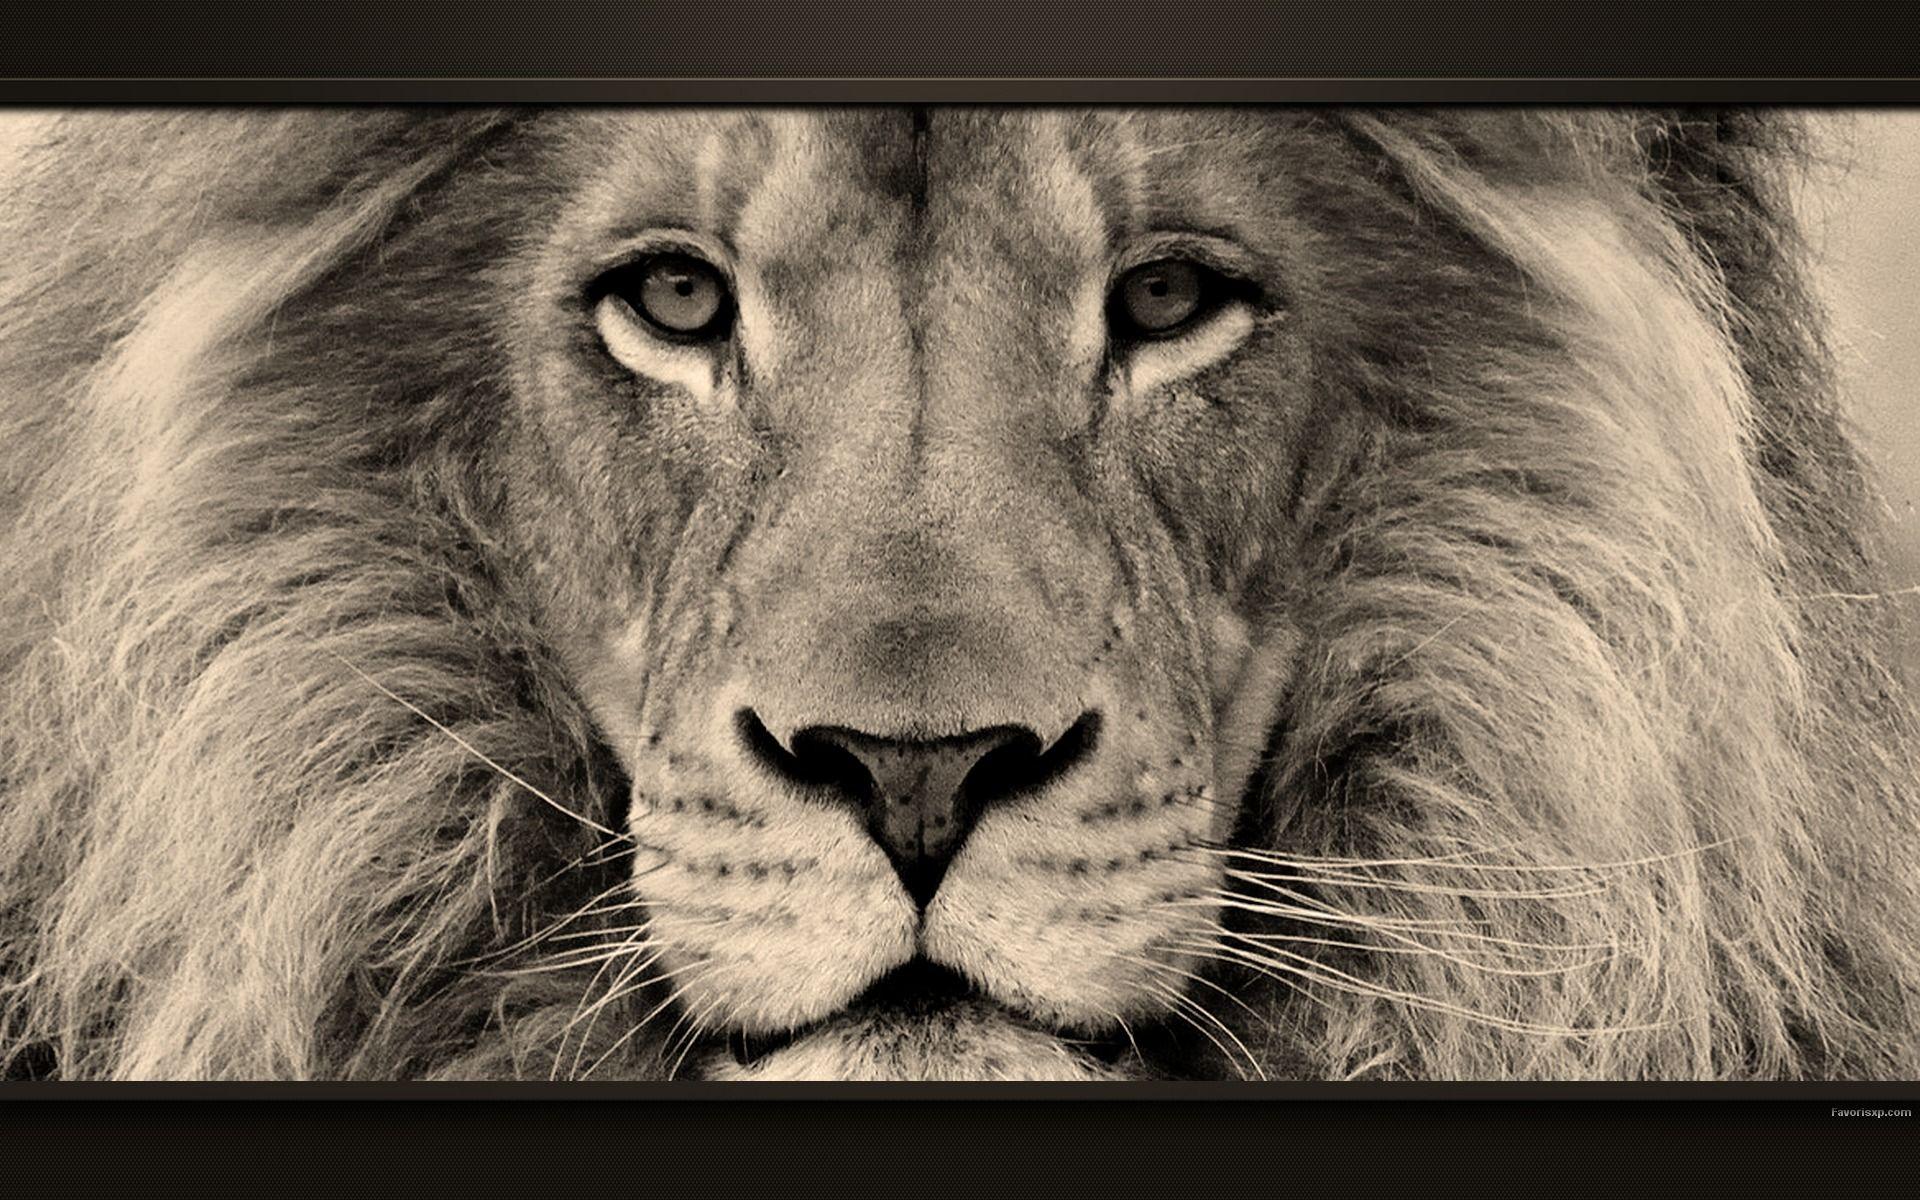 portrait de lion fauves pinterest images animaux. Black Bedroom Furniture Sets. Home Design Ideas